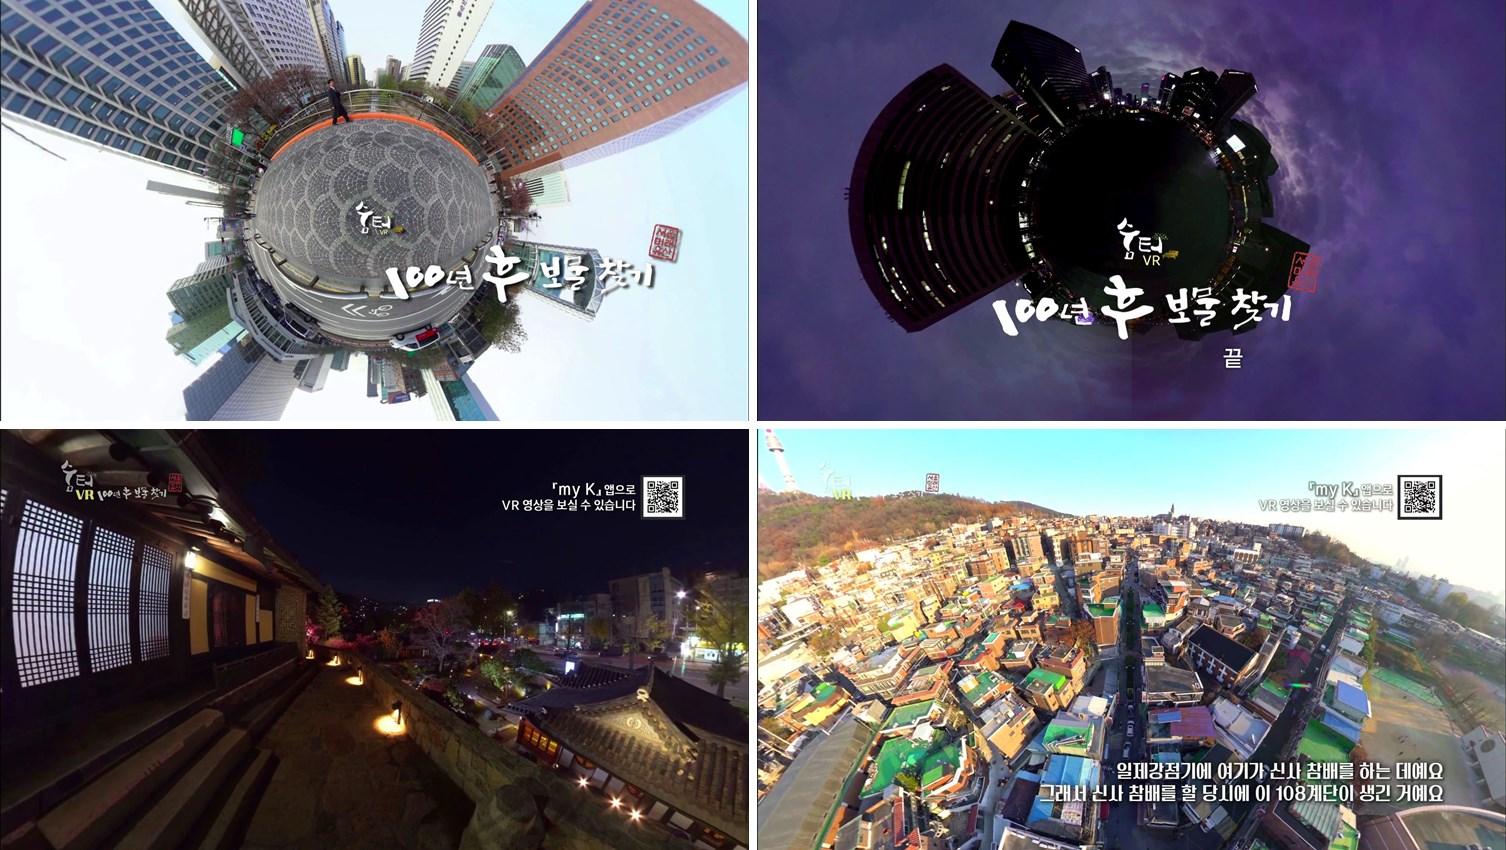 VR clip을 활용한 실제 방송화면